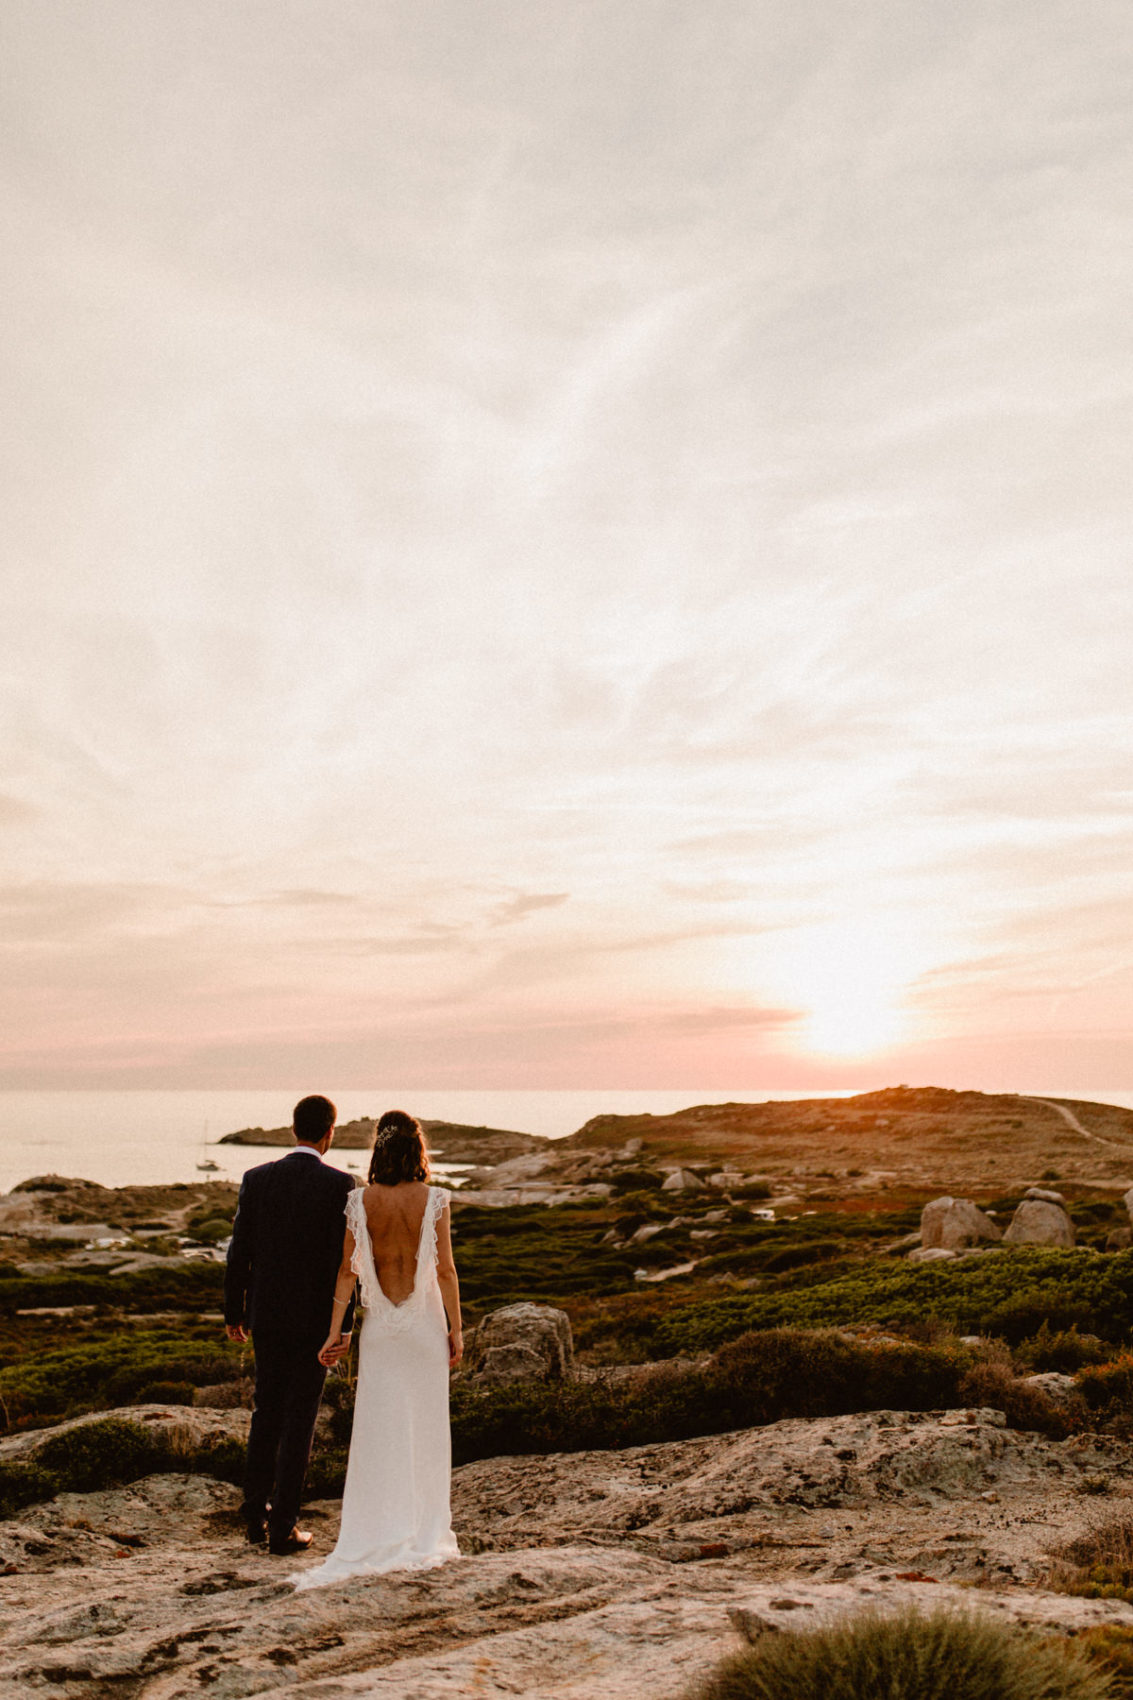 Le rocher lumio mariage corse